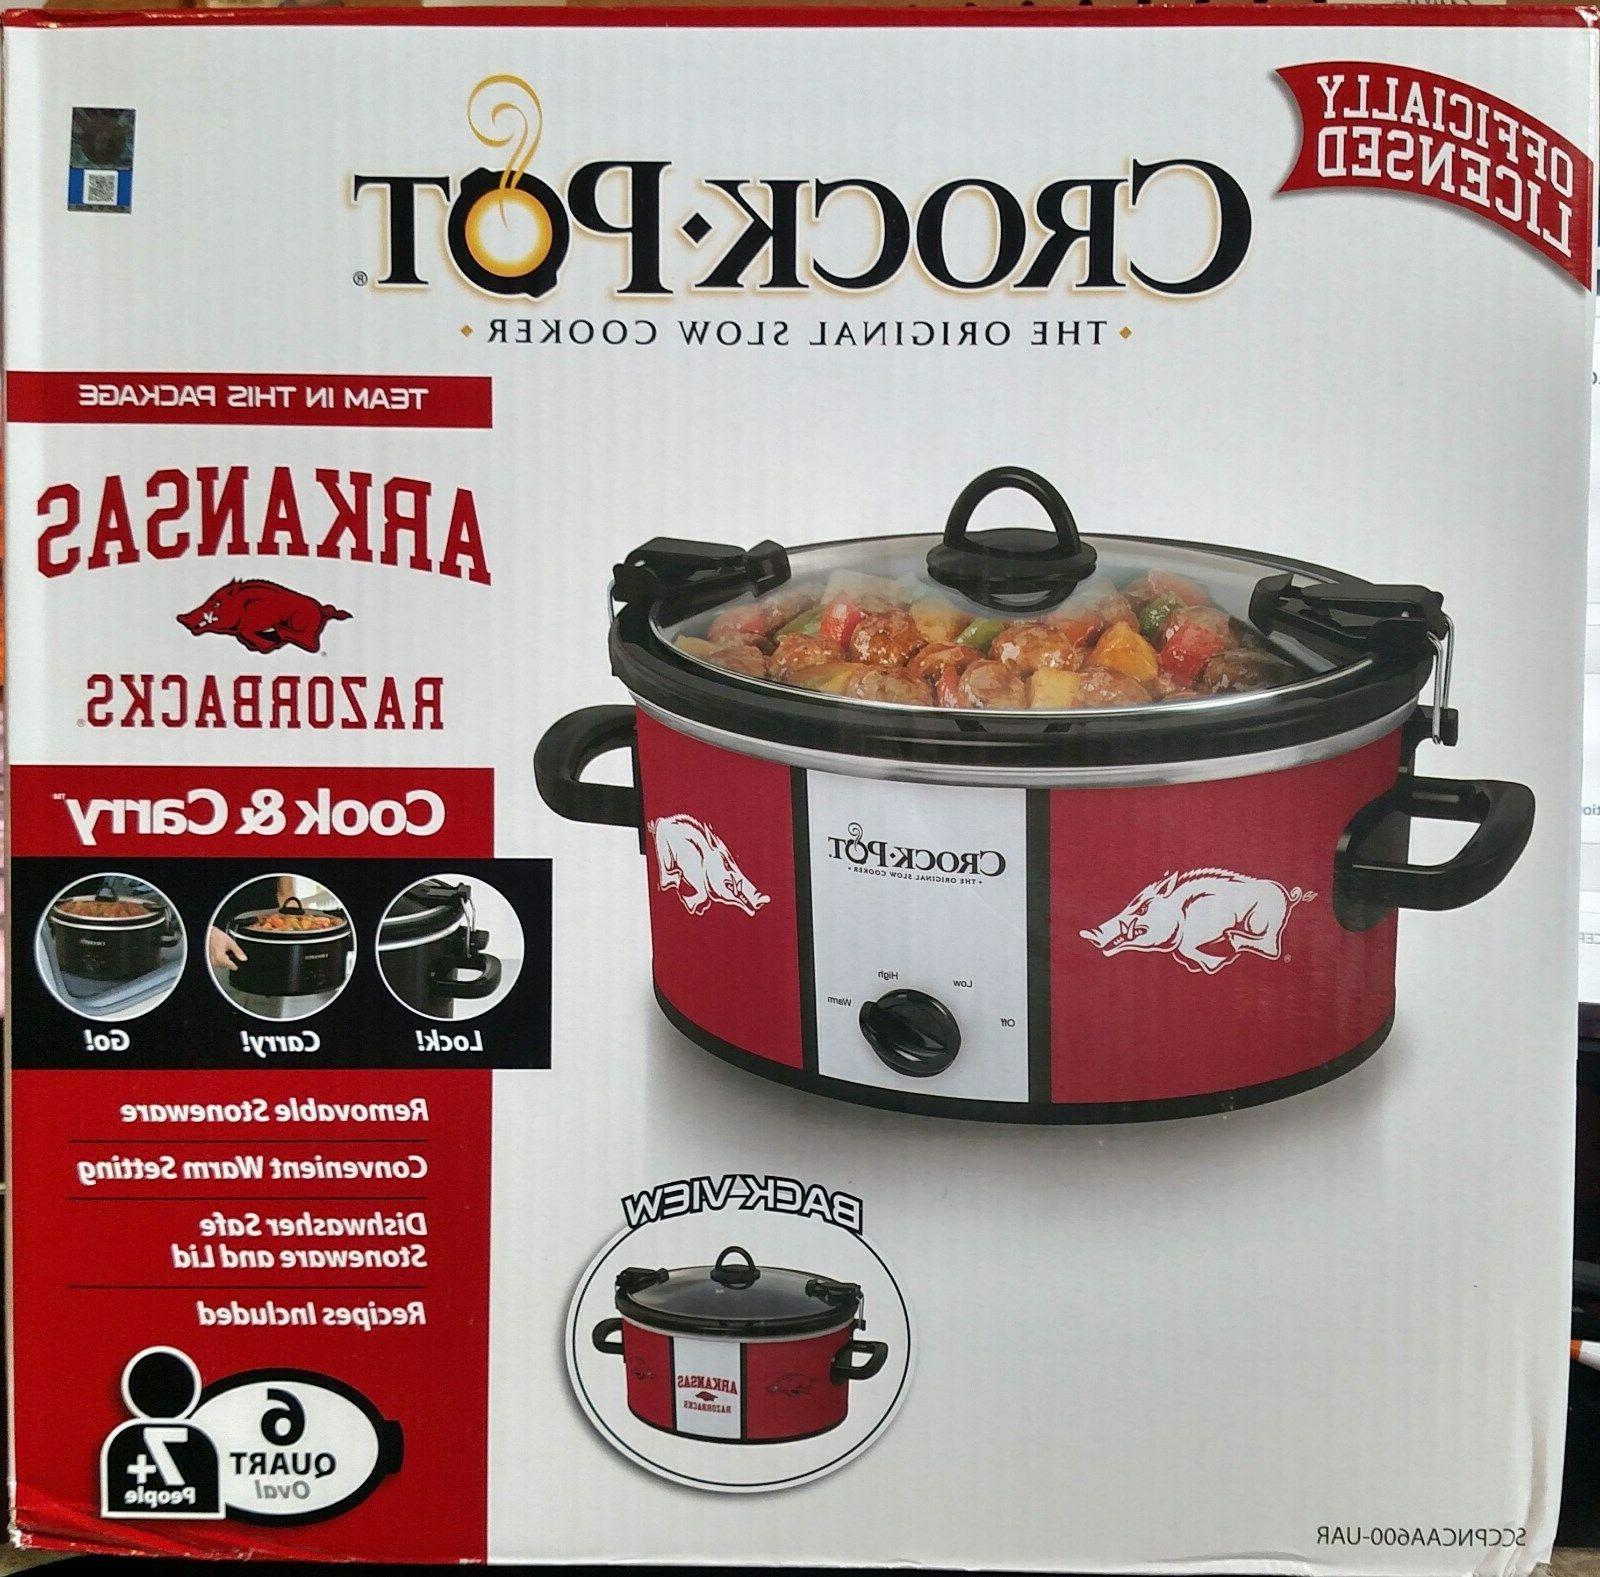 crockpot sccpncaa600 uar cook carry